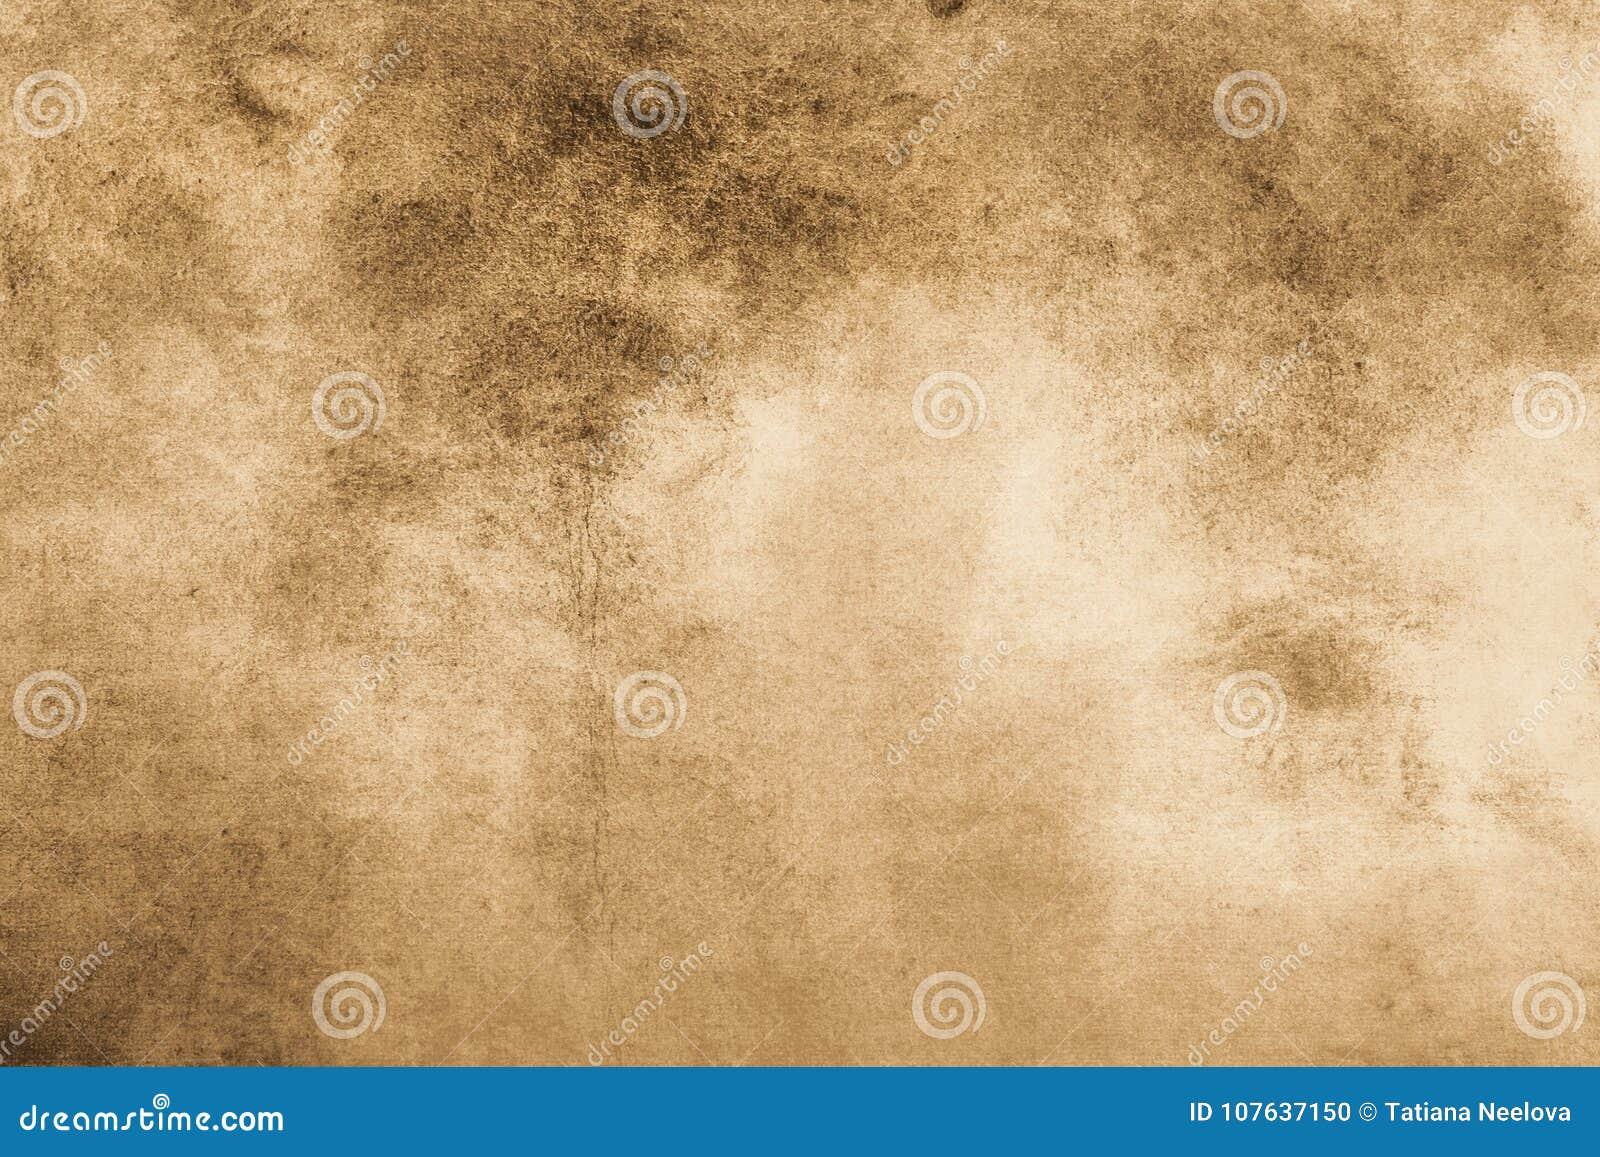 Fundo envelhecido do vintage do estilo antigo Stylization velho da ilustração da textura da foto em cores do sepia com manchas, m